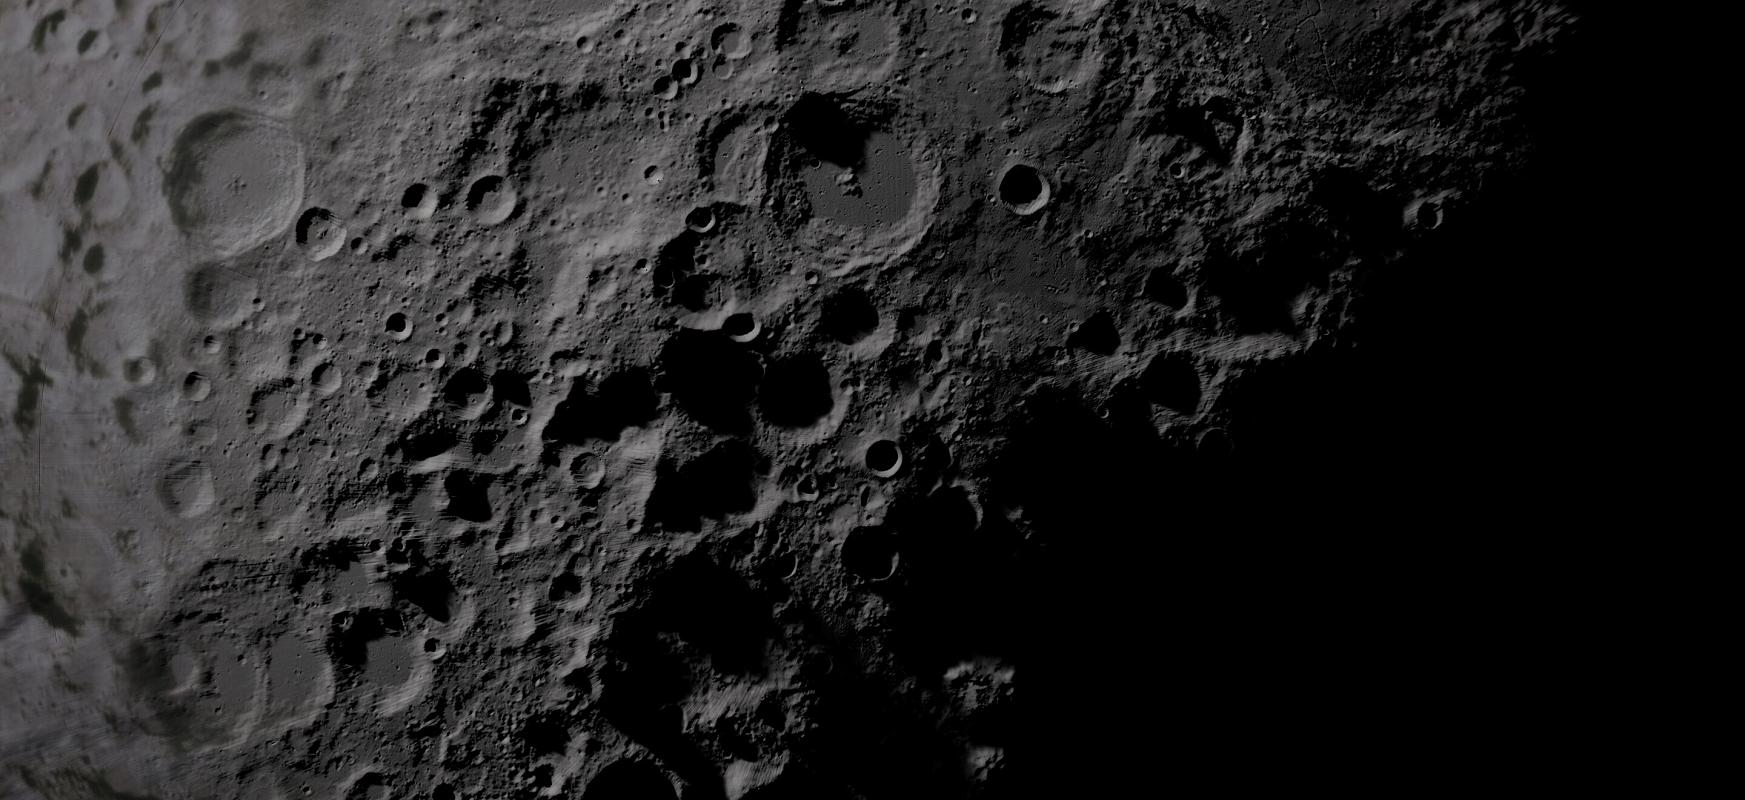 Asteroide erraldoiek ilargia bonbardatu zuten.  Dinosauroak Lurrean hil zituenaren antzekoak ziren